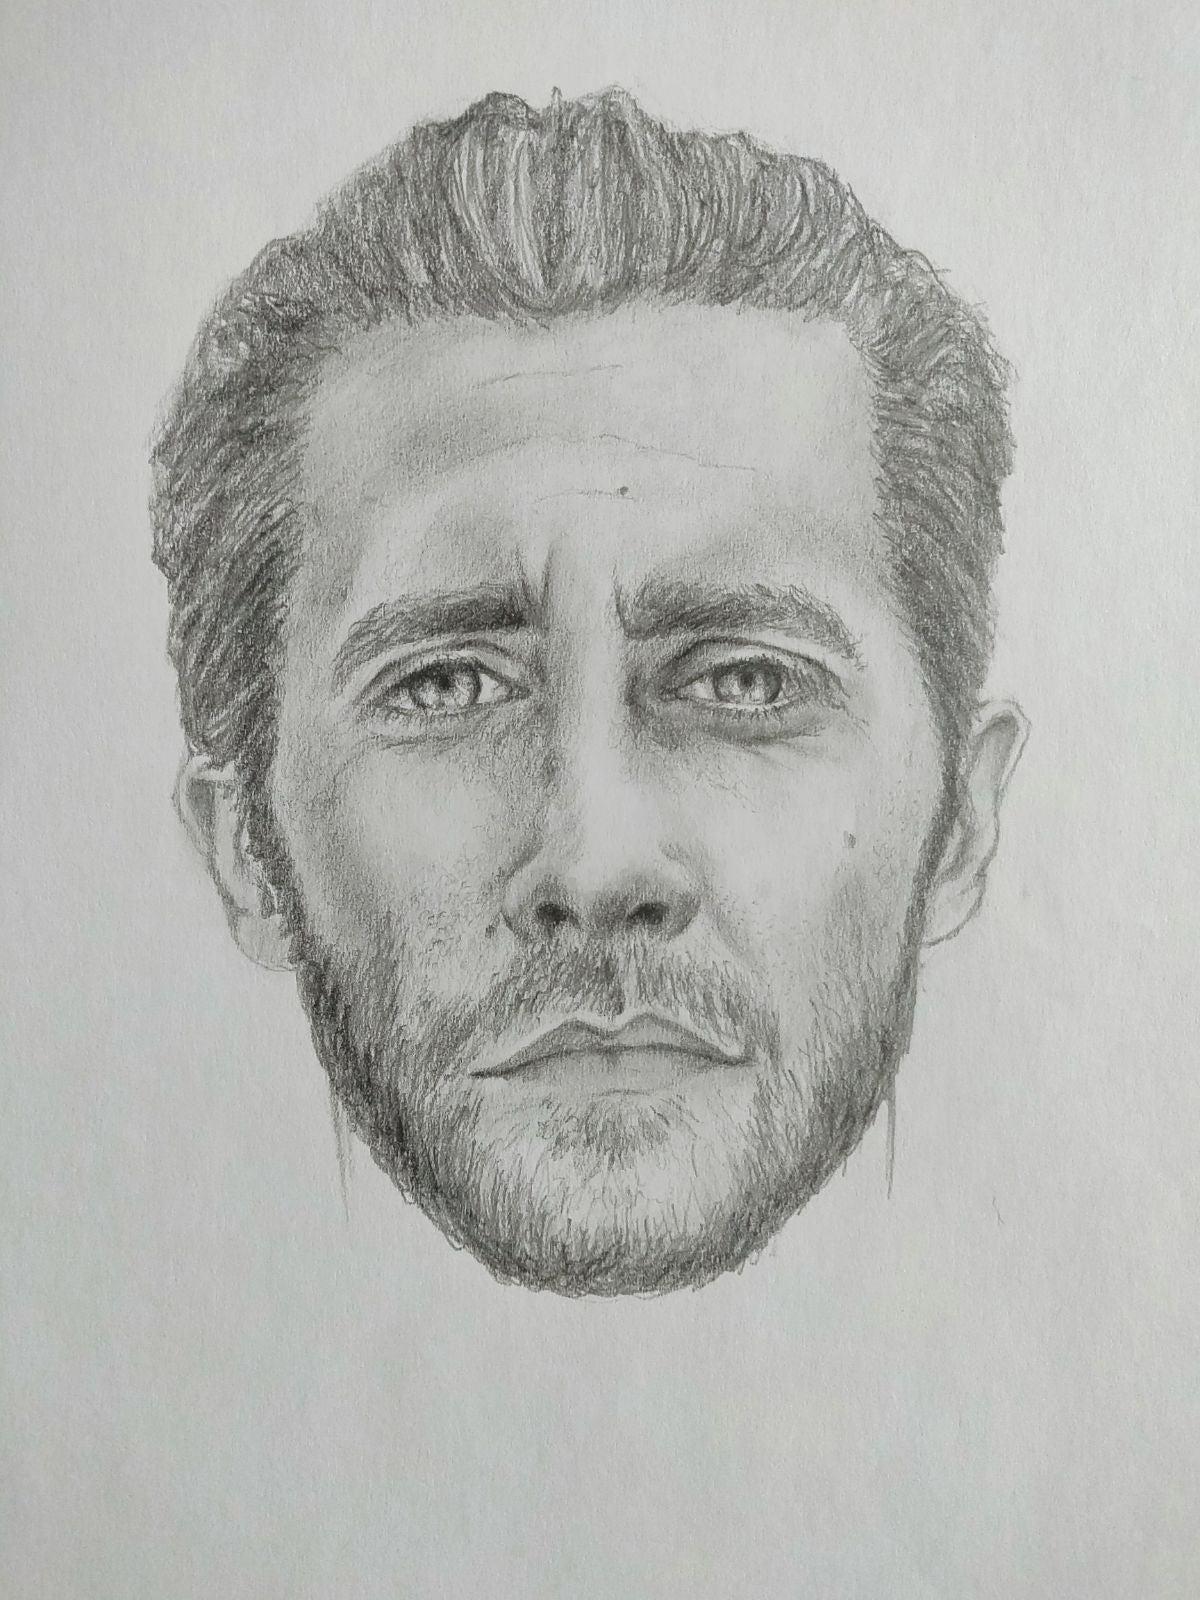 Drawing of Jake Gyllenhaal